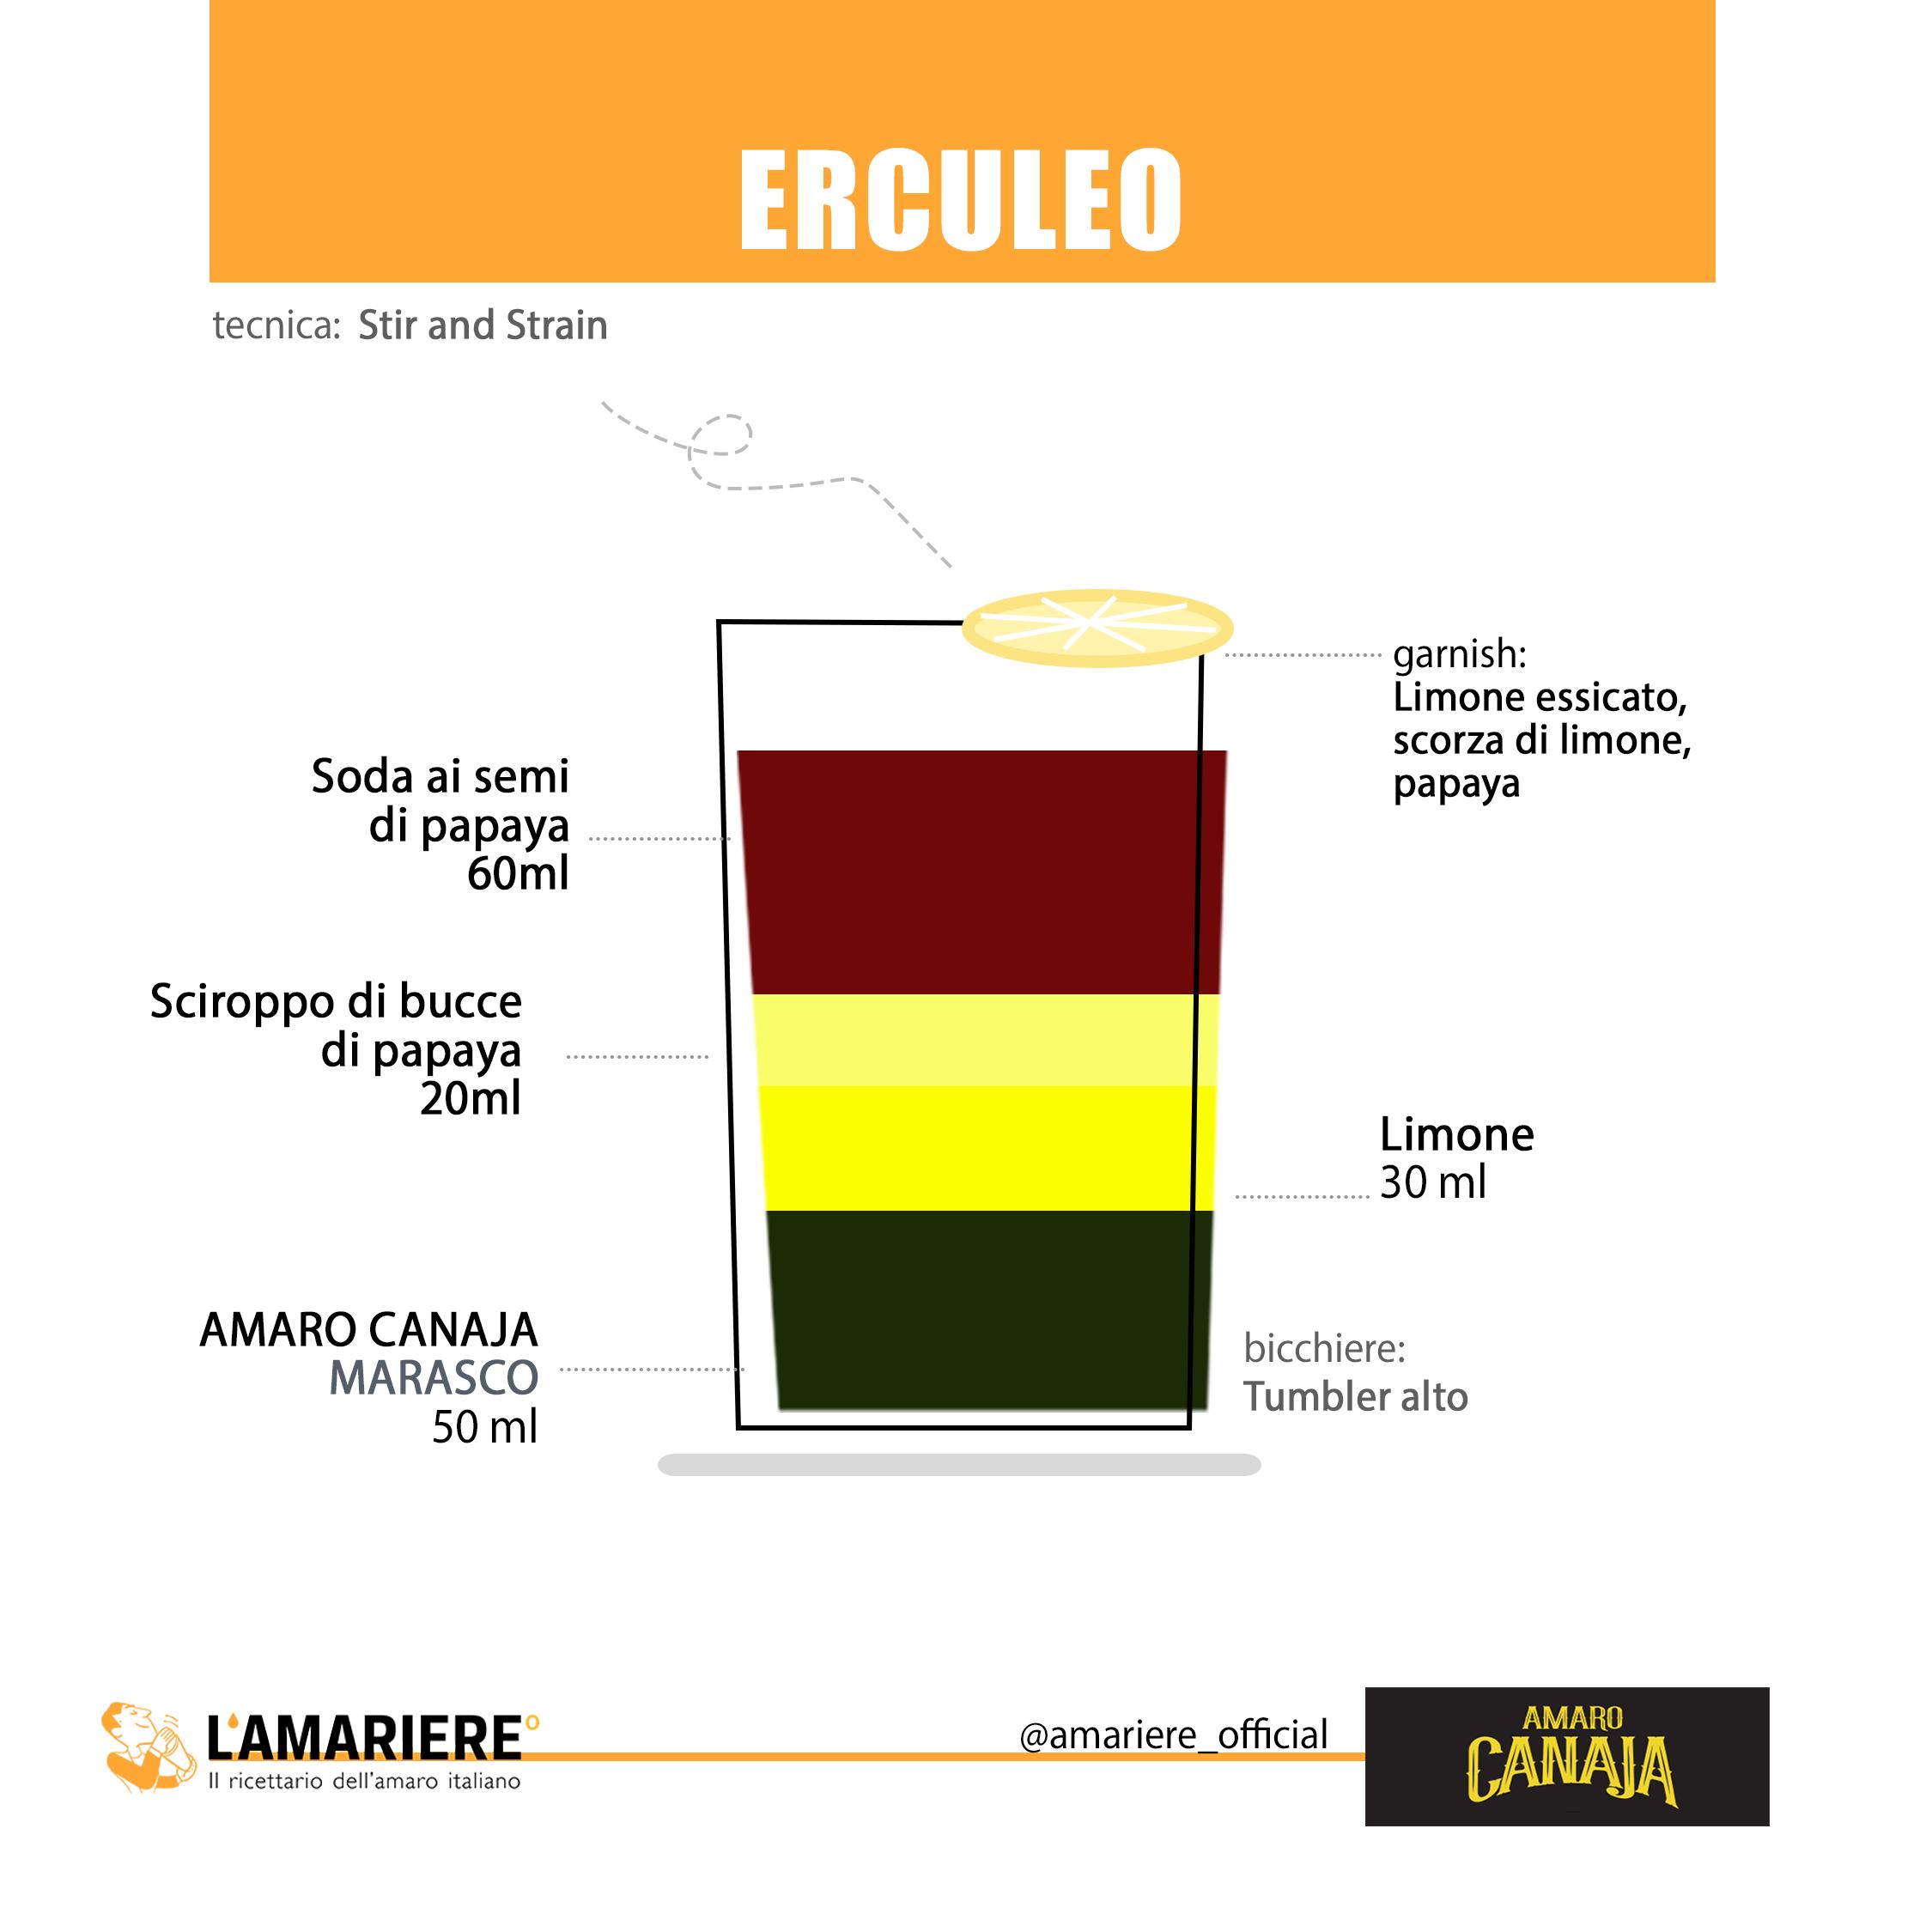 Erculeo